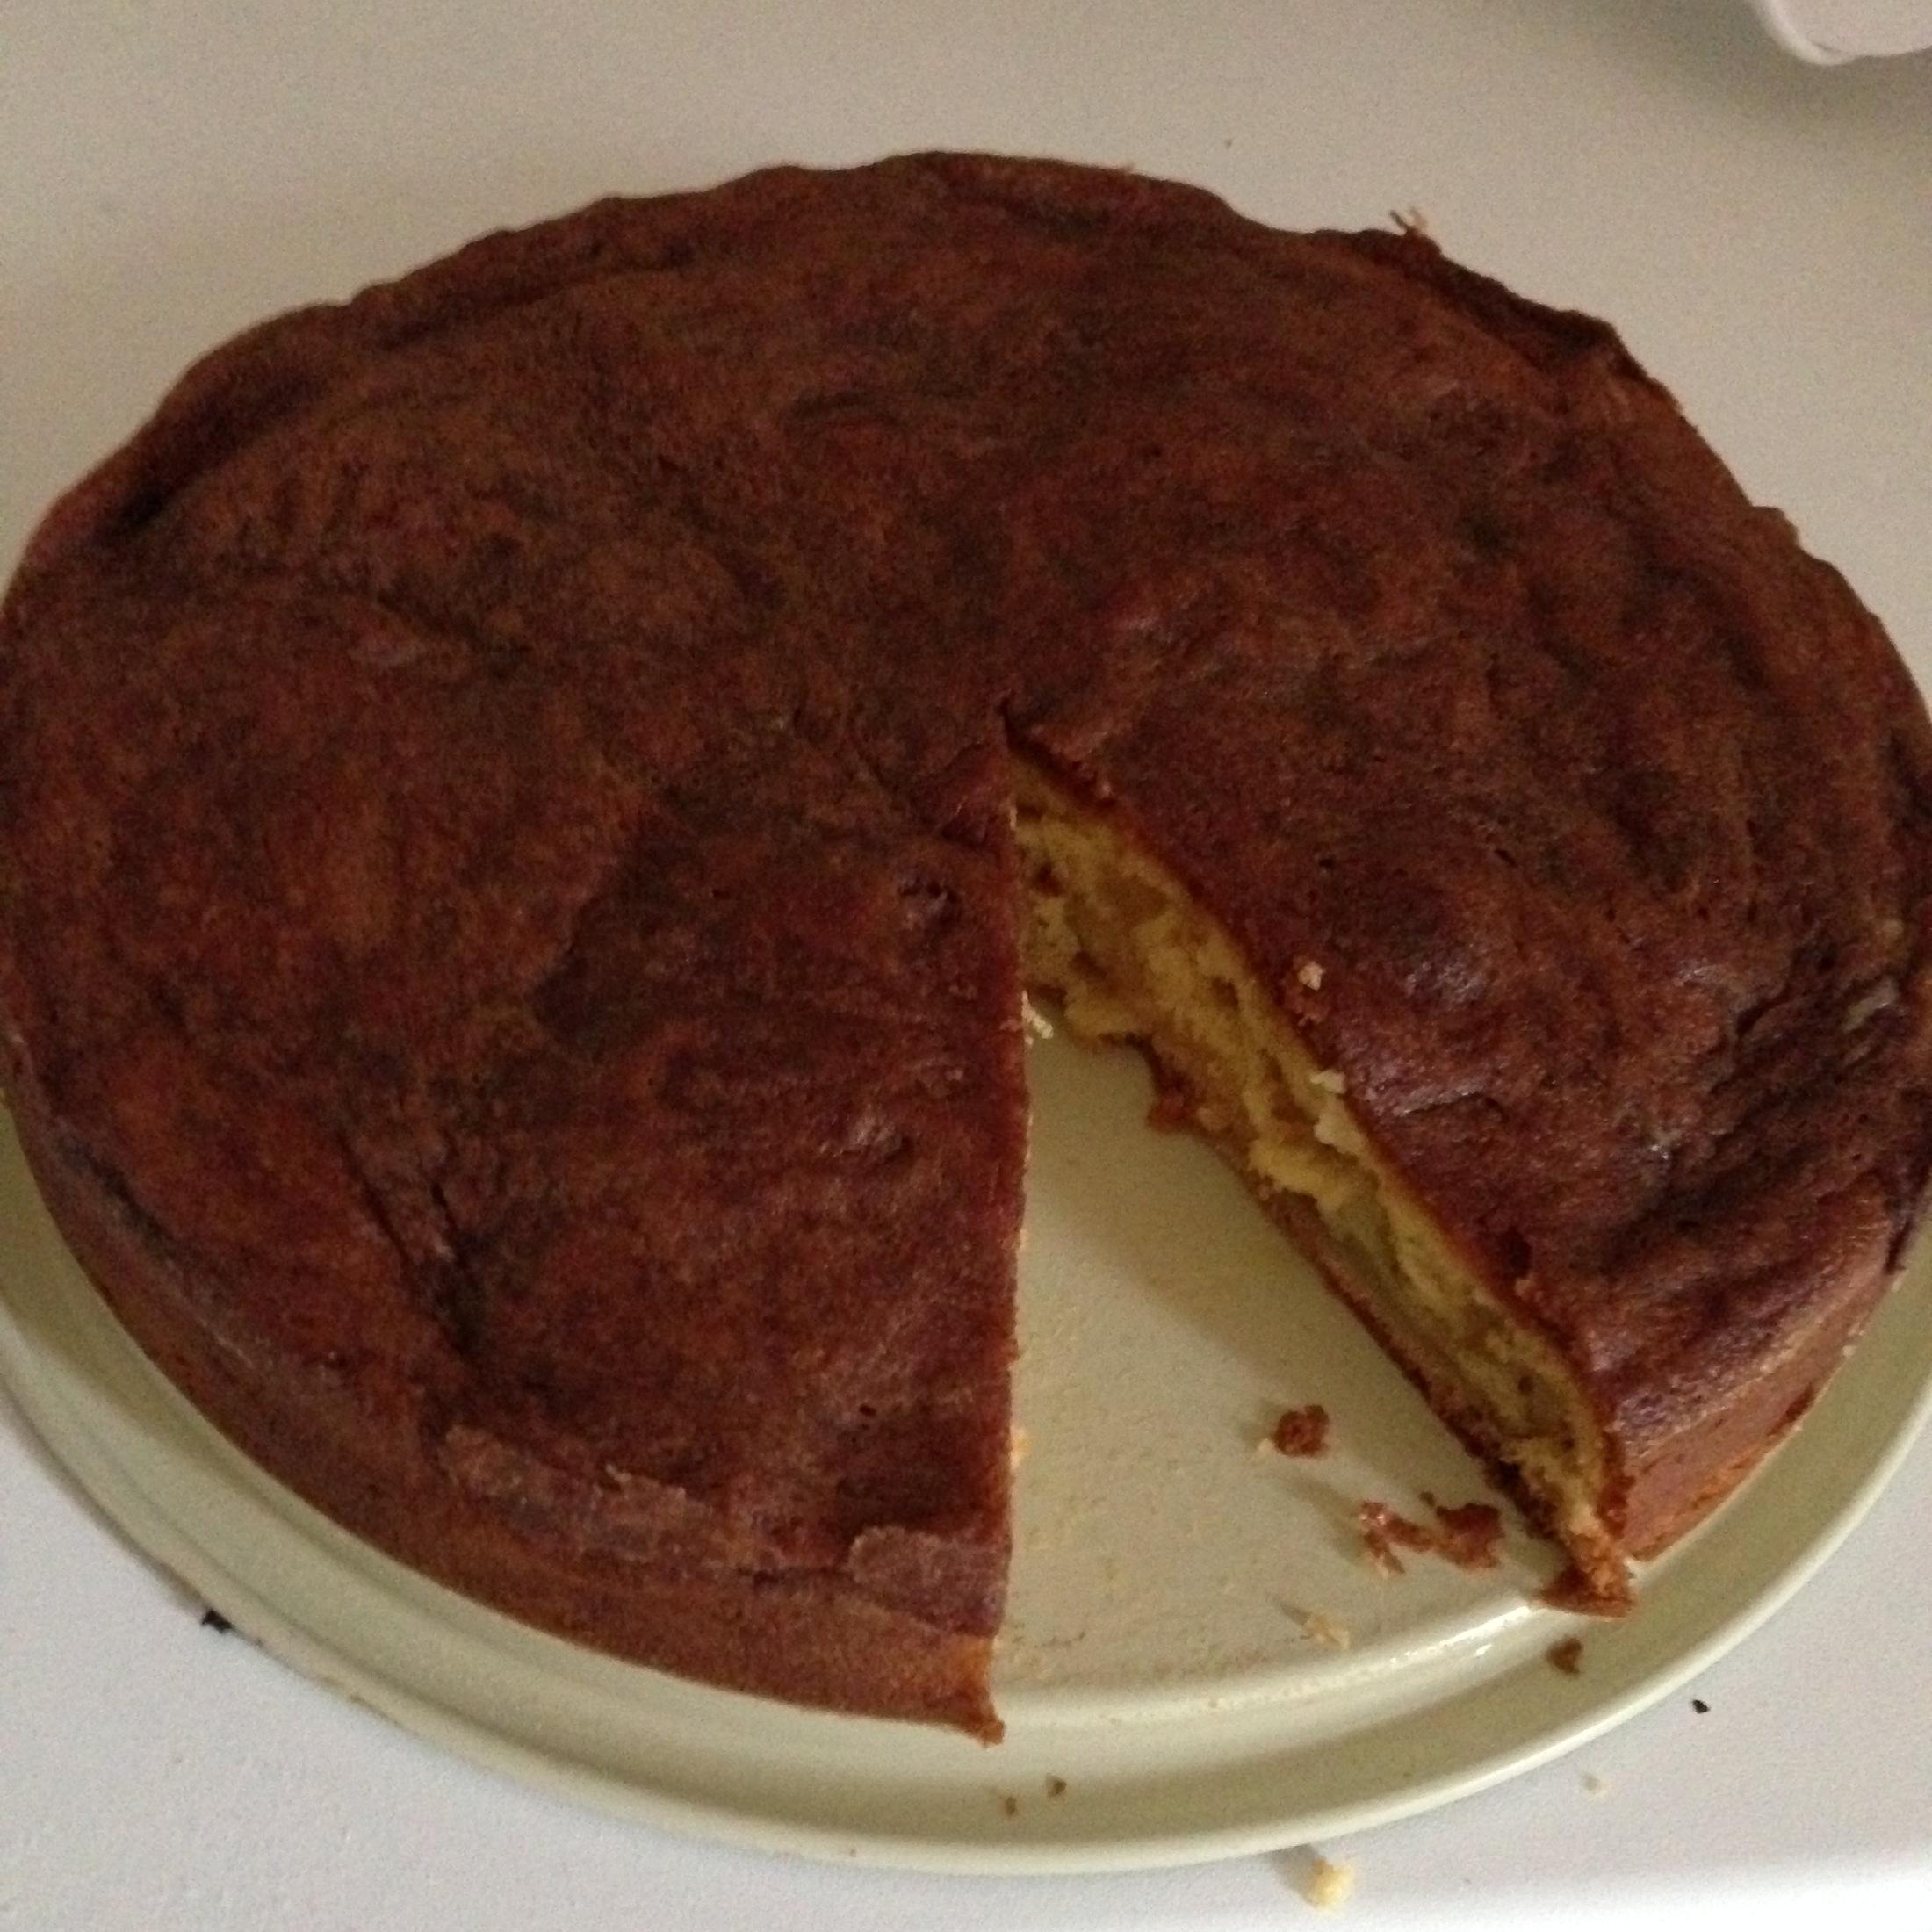 Recept Francouzský hruškový koláč - francouzsky hruskovy kolac